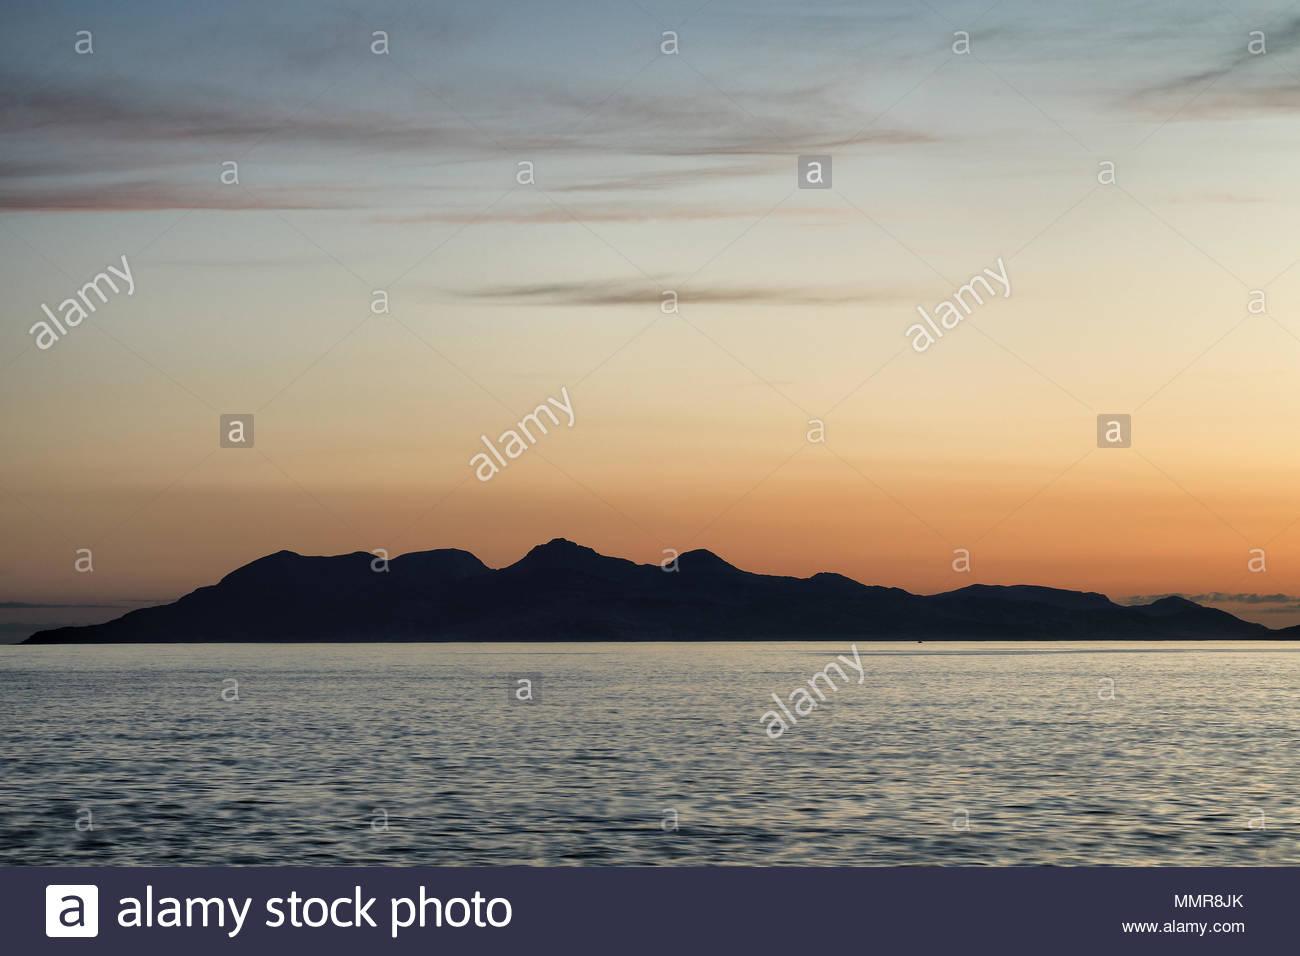 Insel Eigg Sonnenuntergang von Mallaig, Schottland. Stockfoto